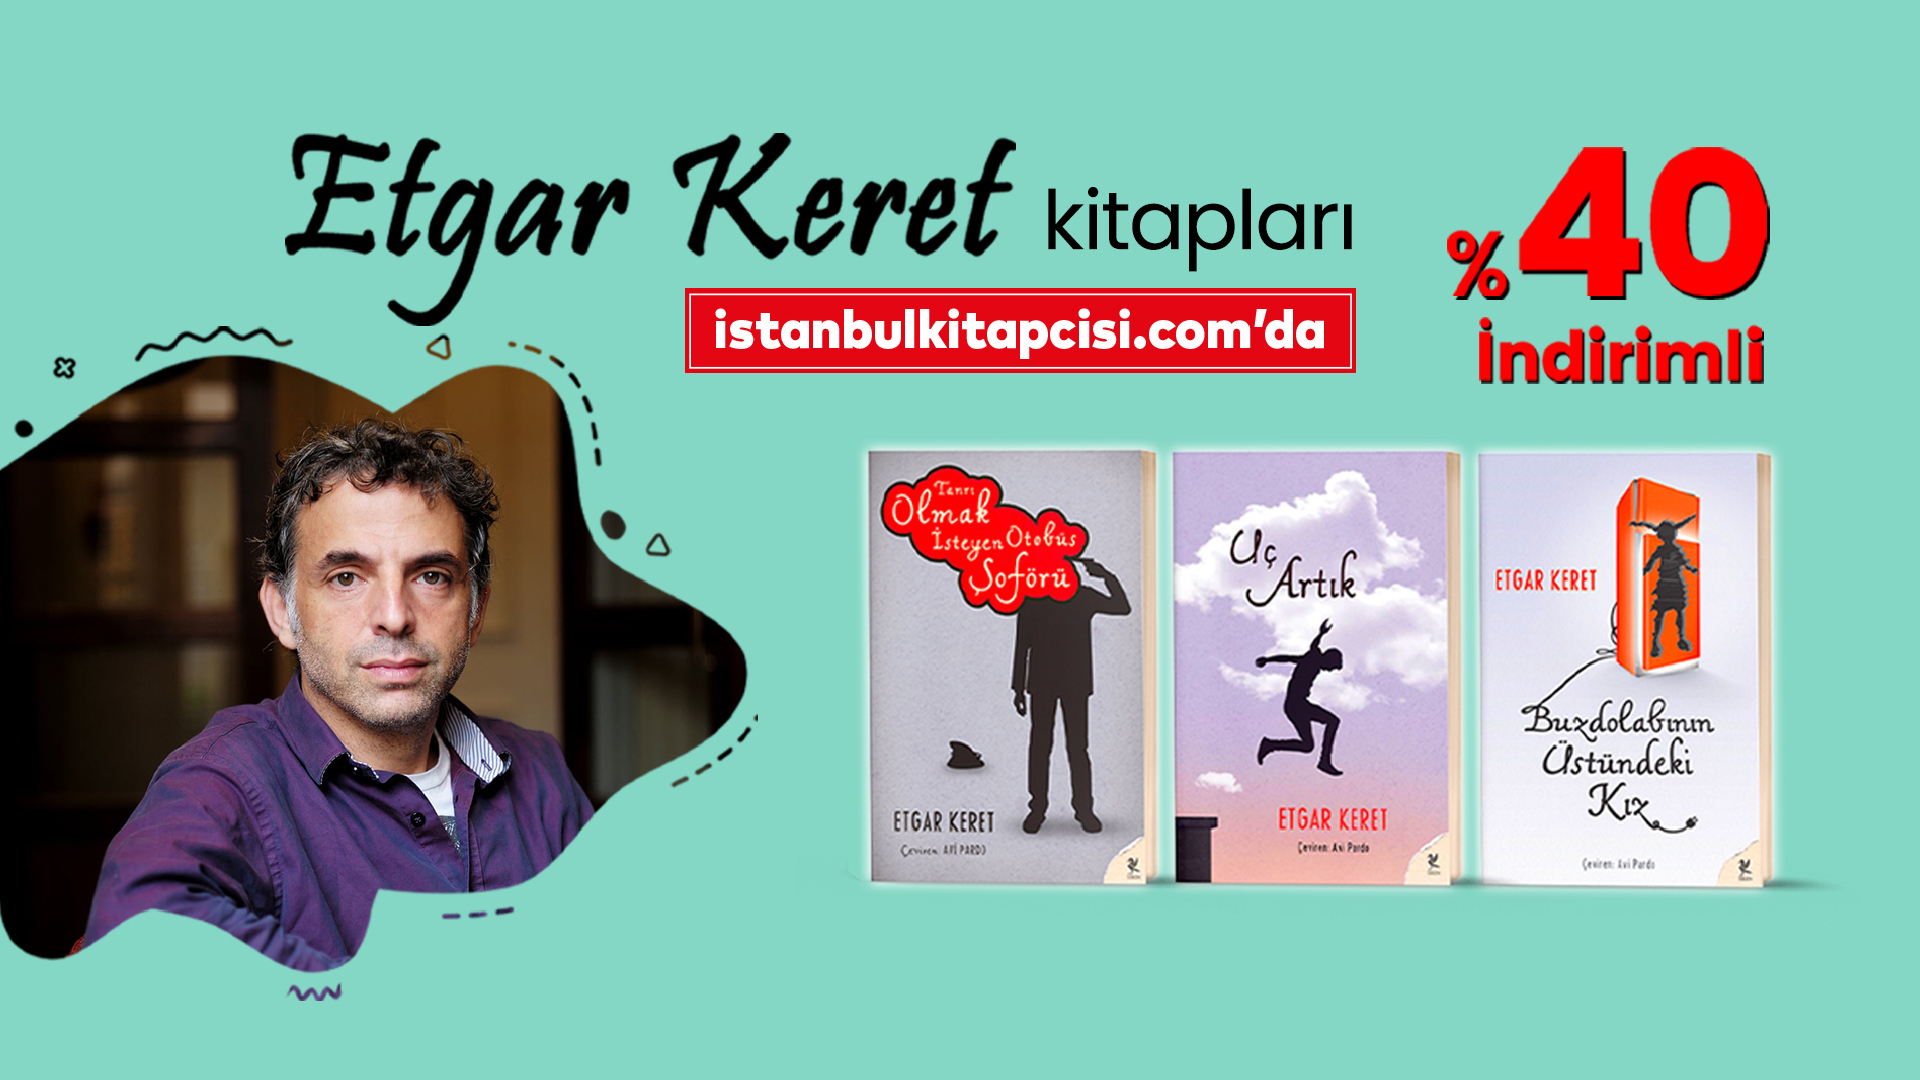 Etgar Keret'in tüm kitapları istanbulkitapcisi.com'da %40 indirimde!